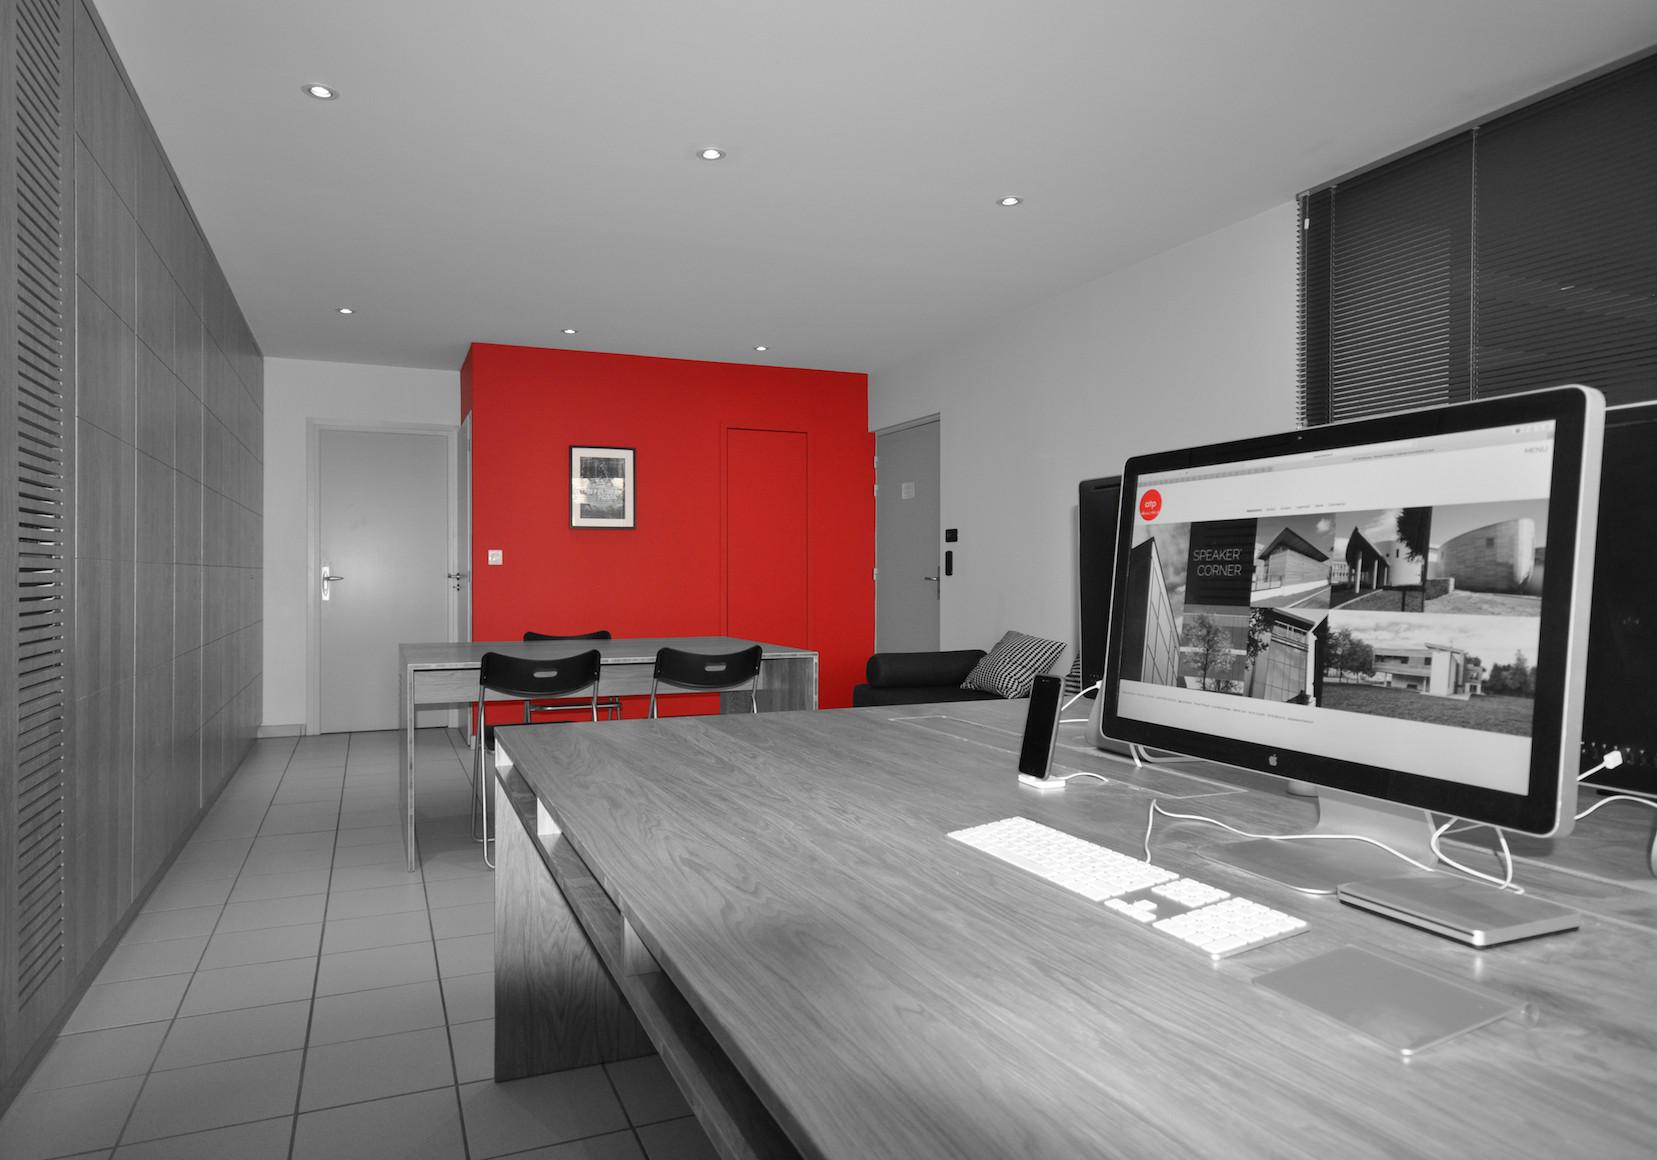 atelier atp architecte tornier philippe cabinet d 39 architecte lyon. Black Bedroom Furniture Sets. Home Design Ideas